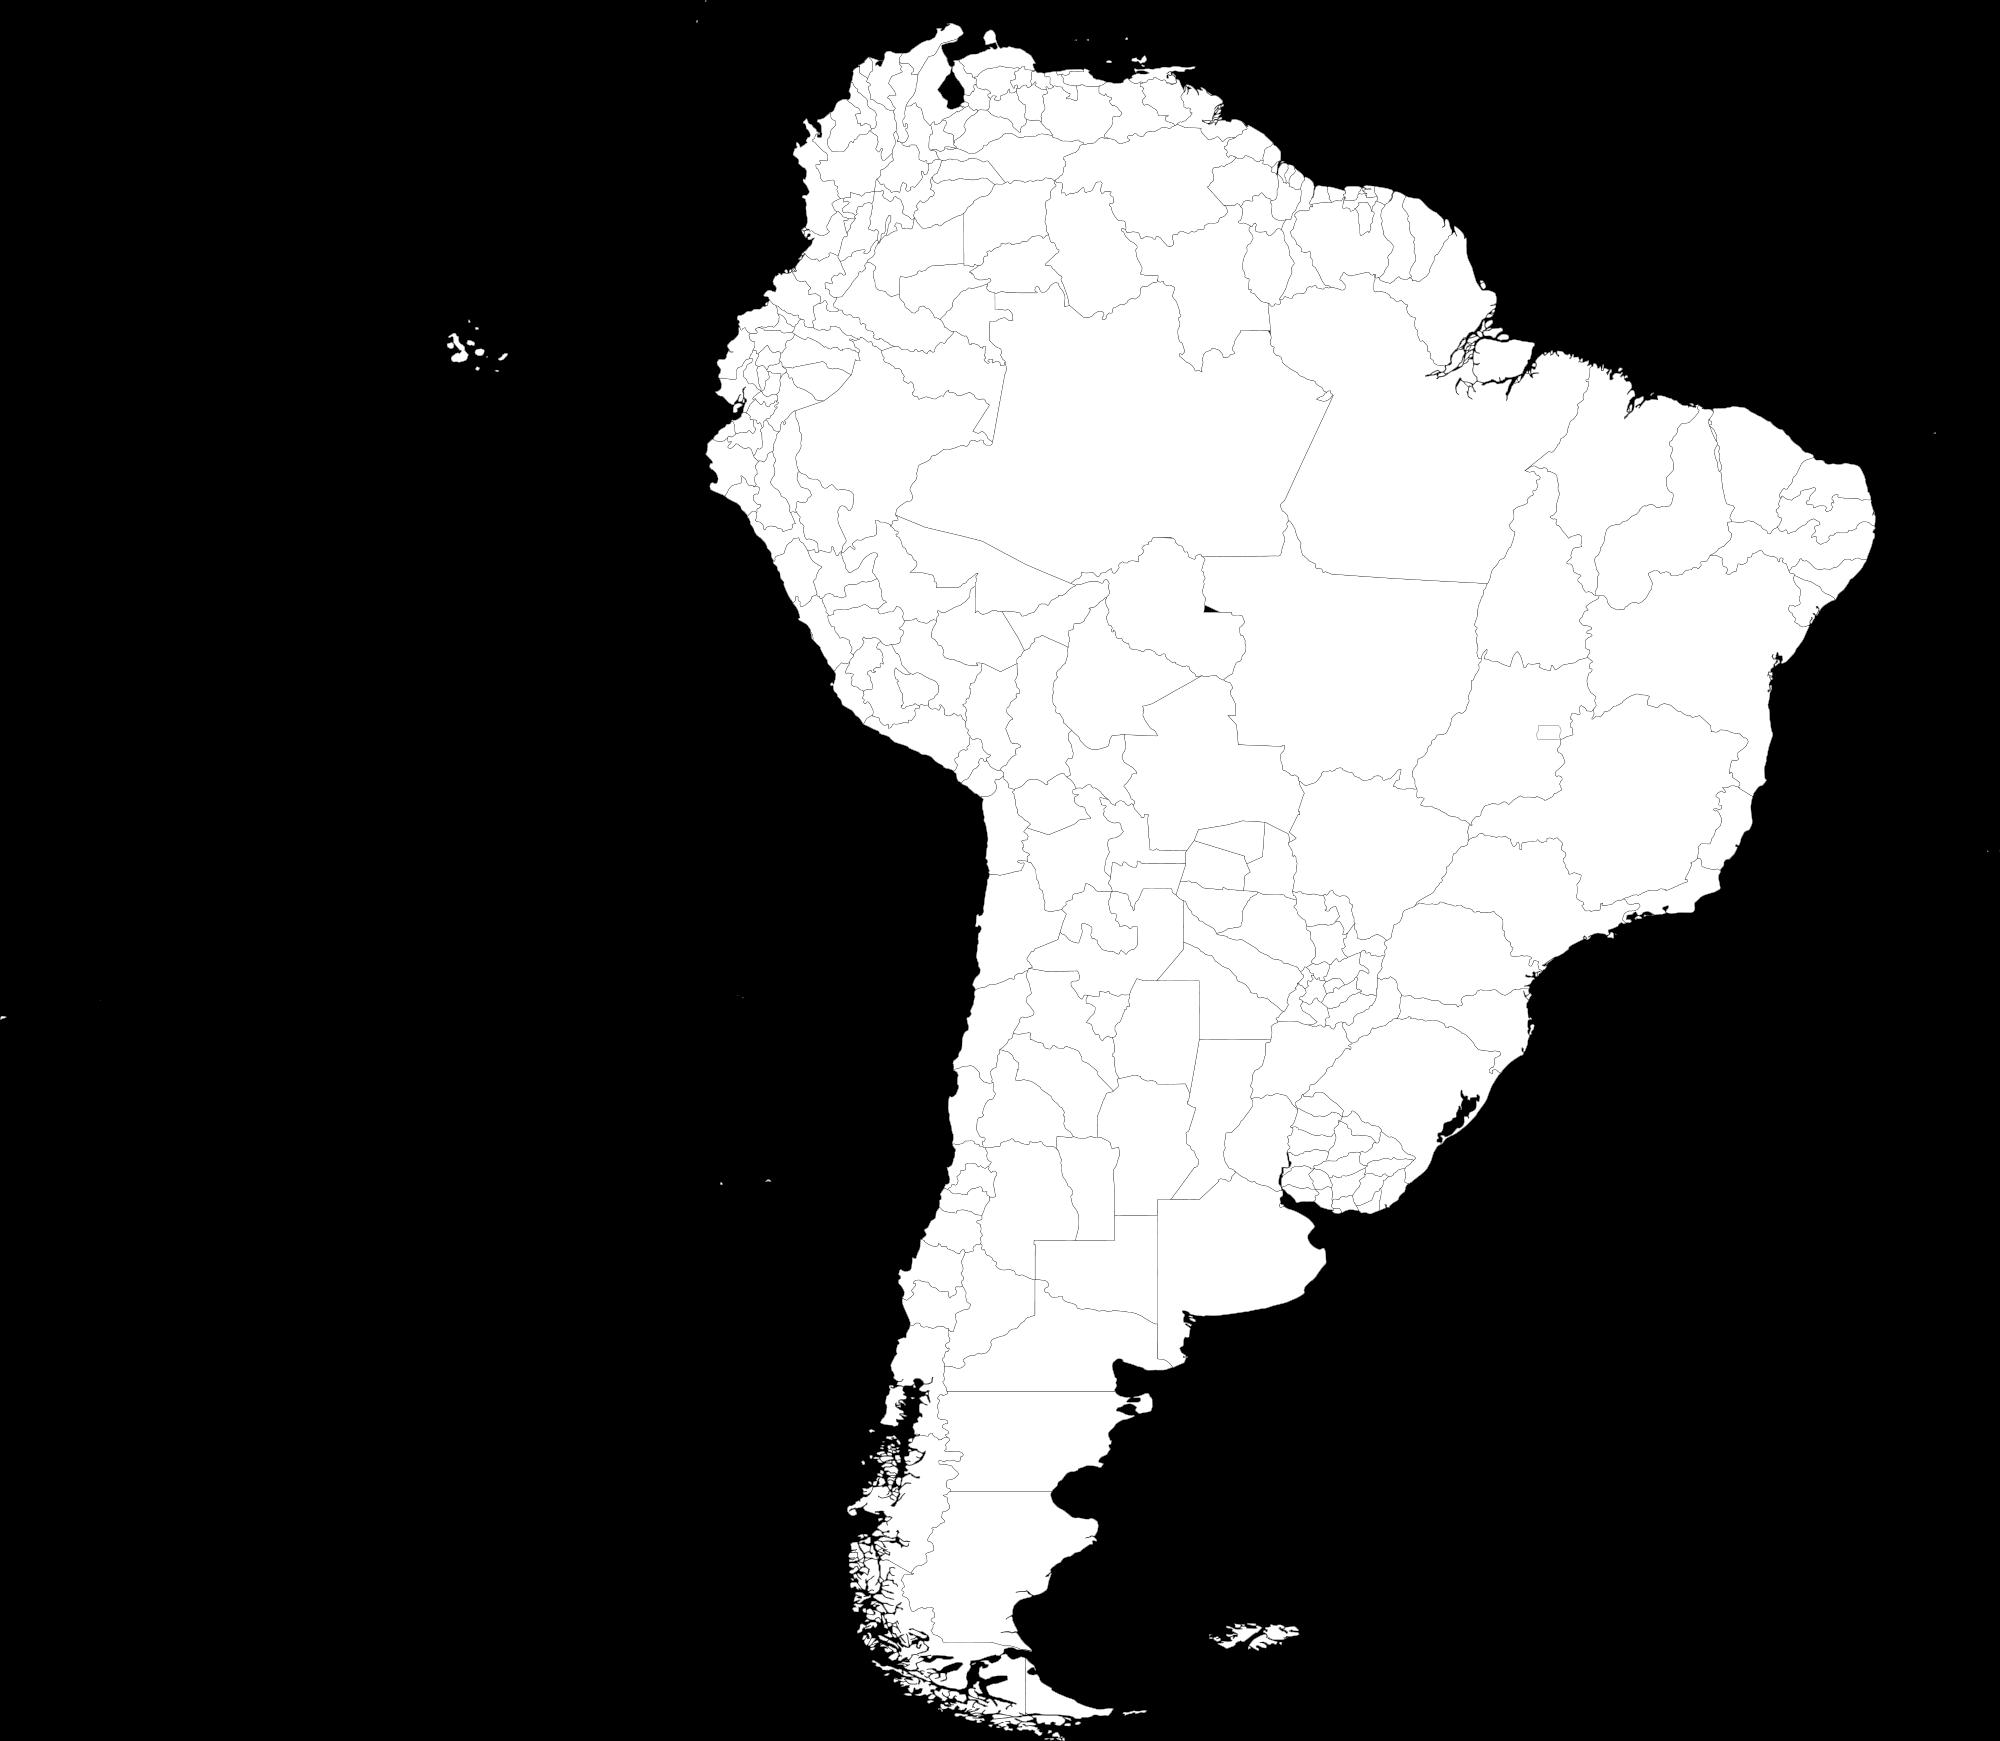 América del Sur, divisiones político-administrativas de primer nivel